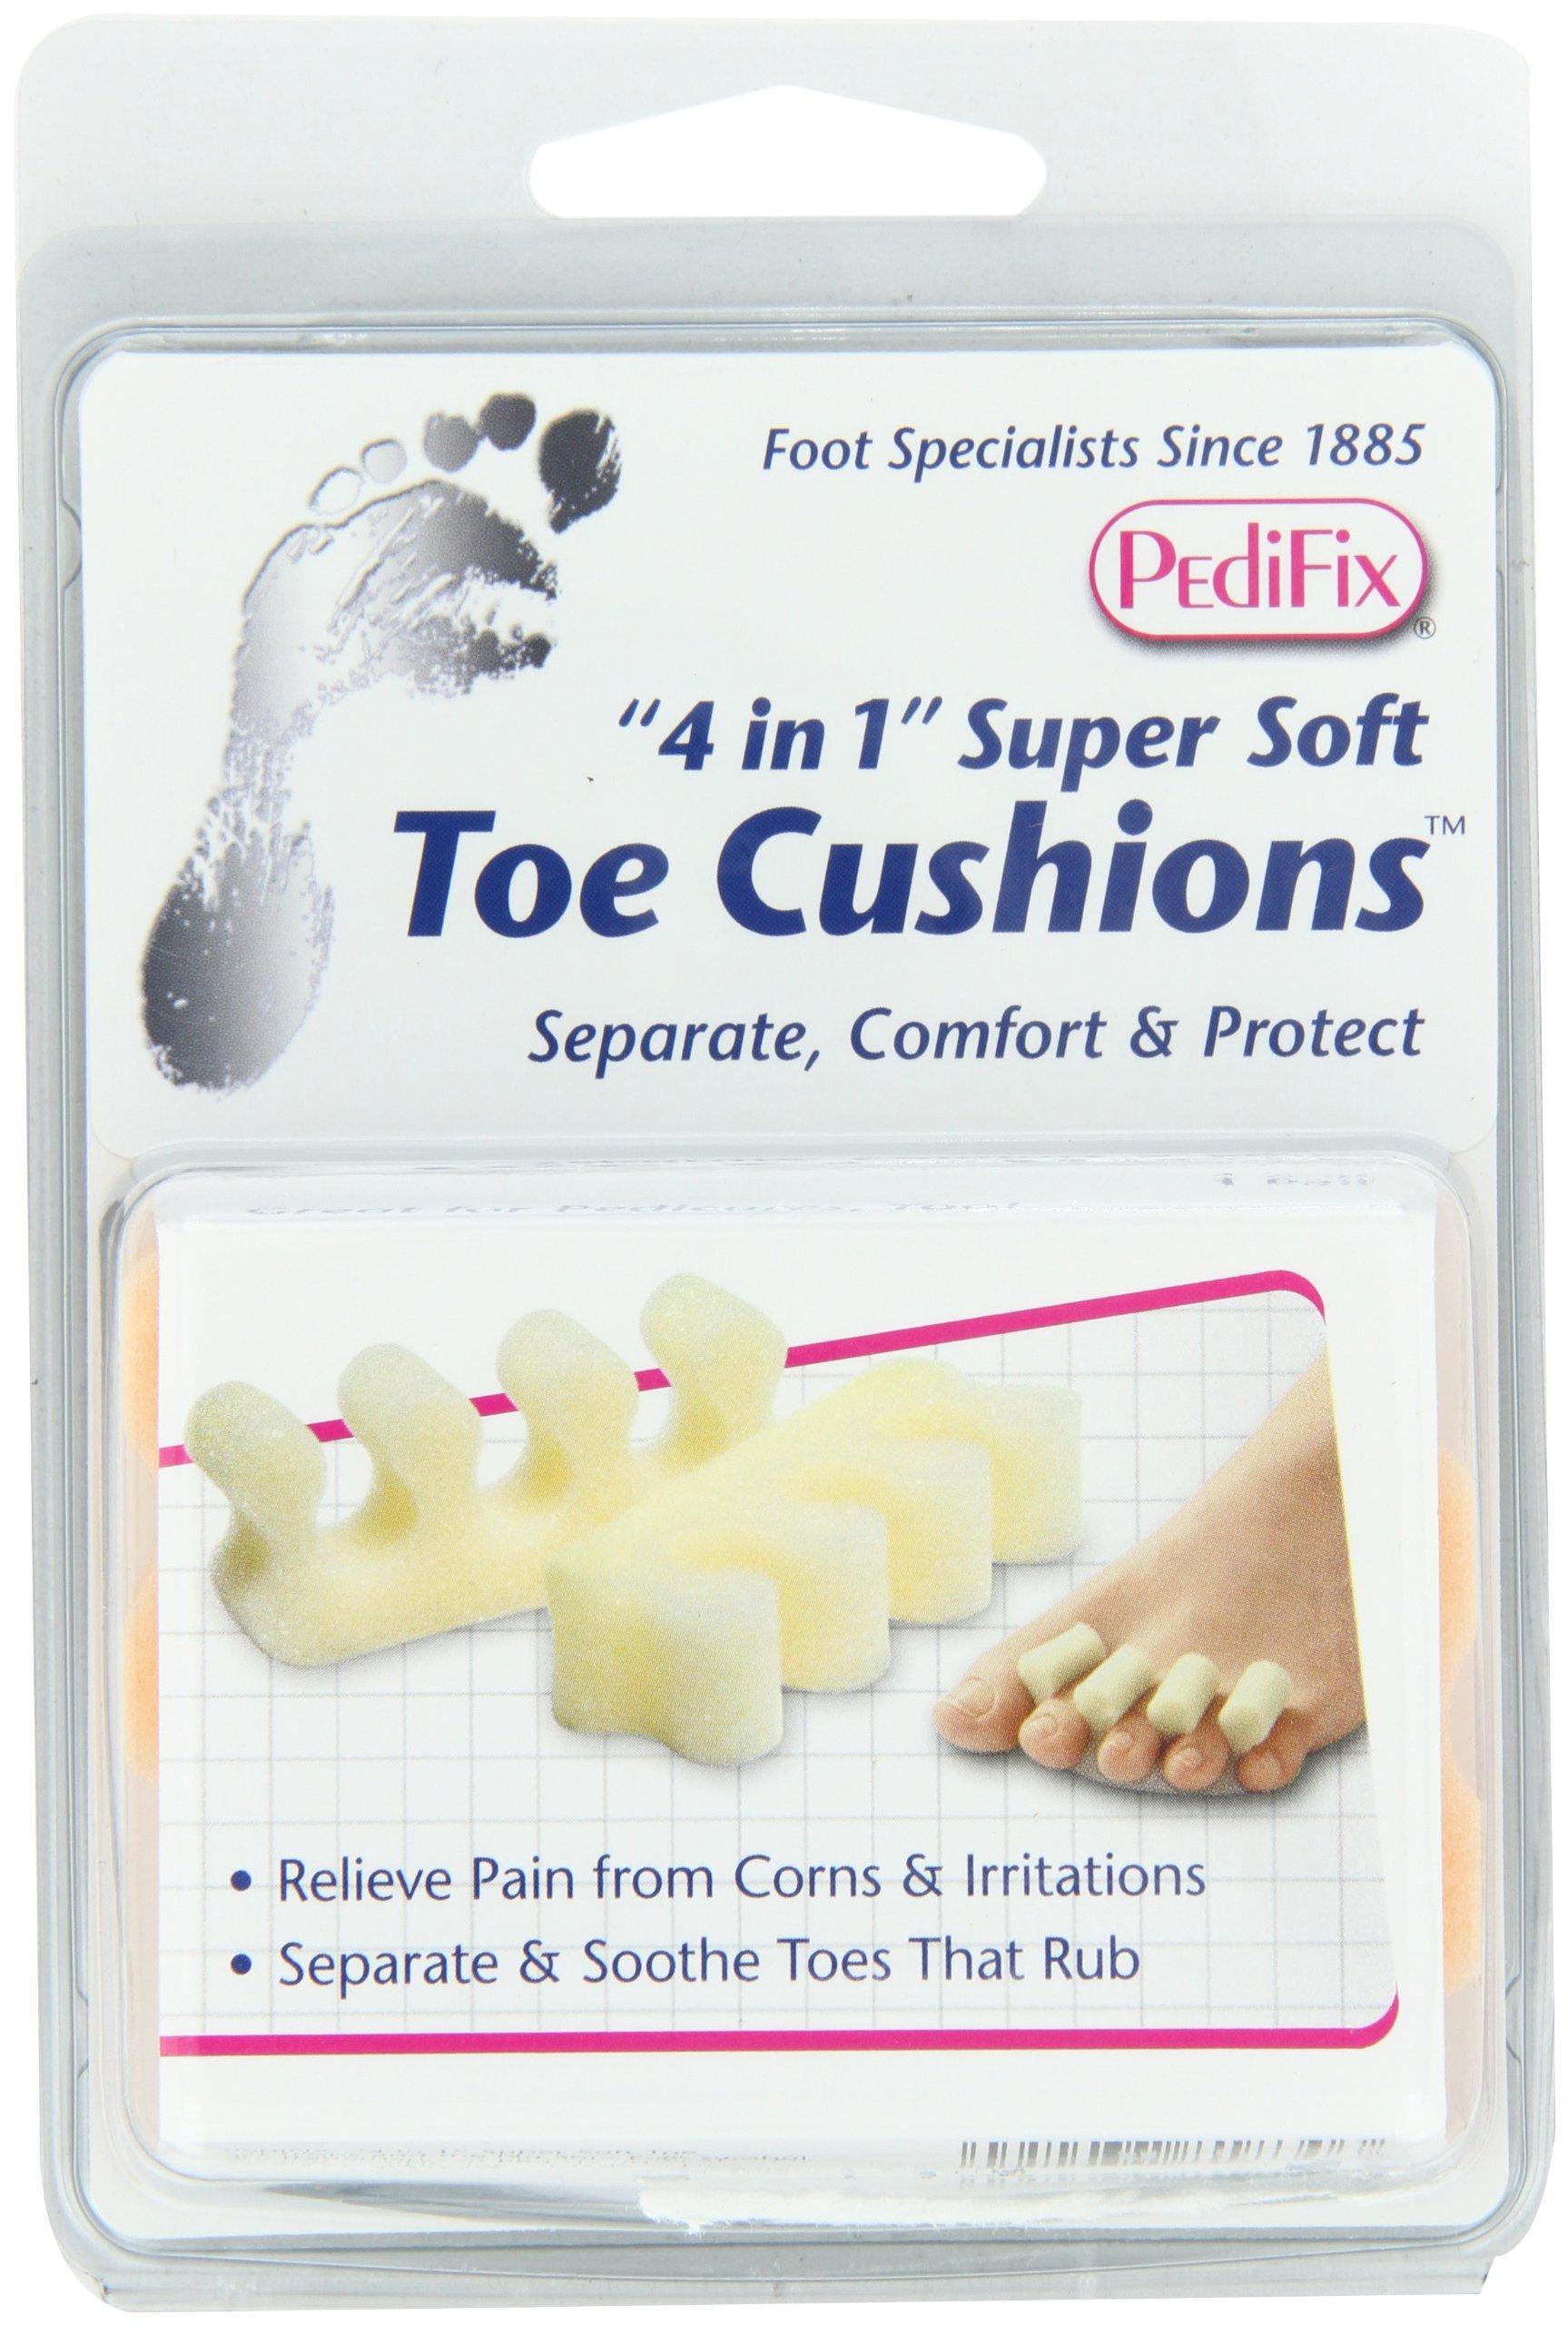 PediFix '4 in 1' Super-Soft Toe Cushions, 2 Pack by Pedifix (Image #3)